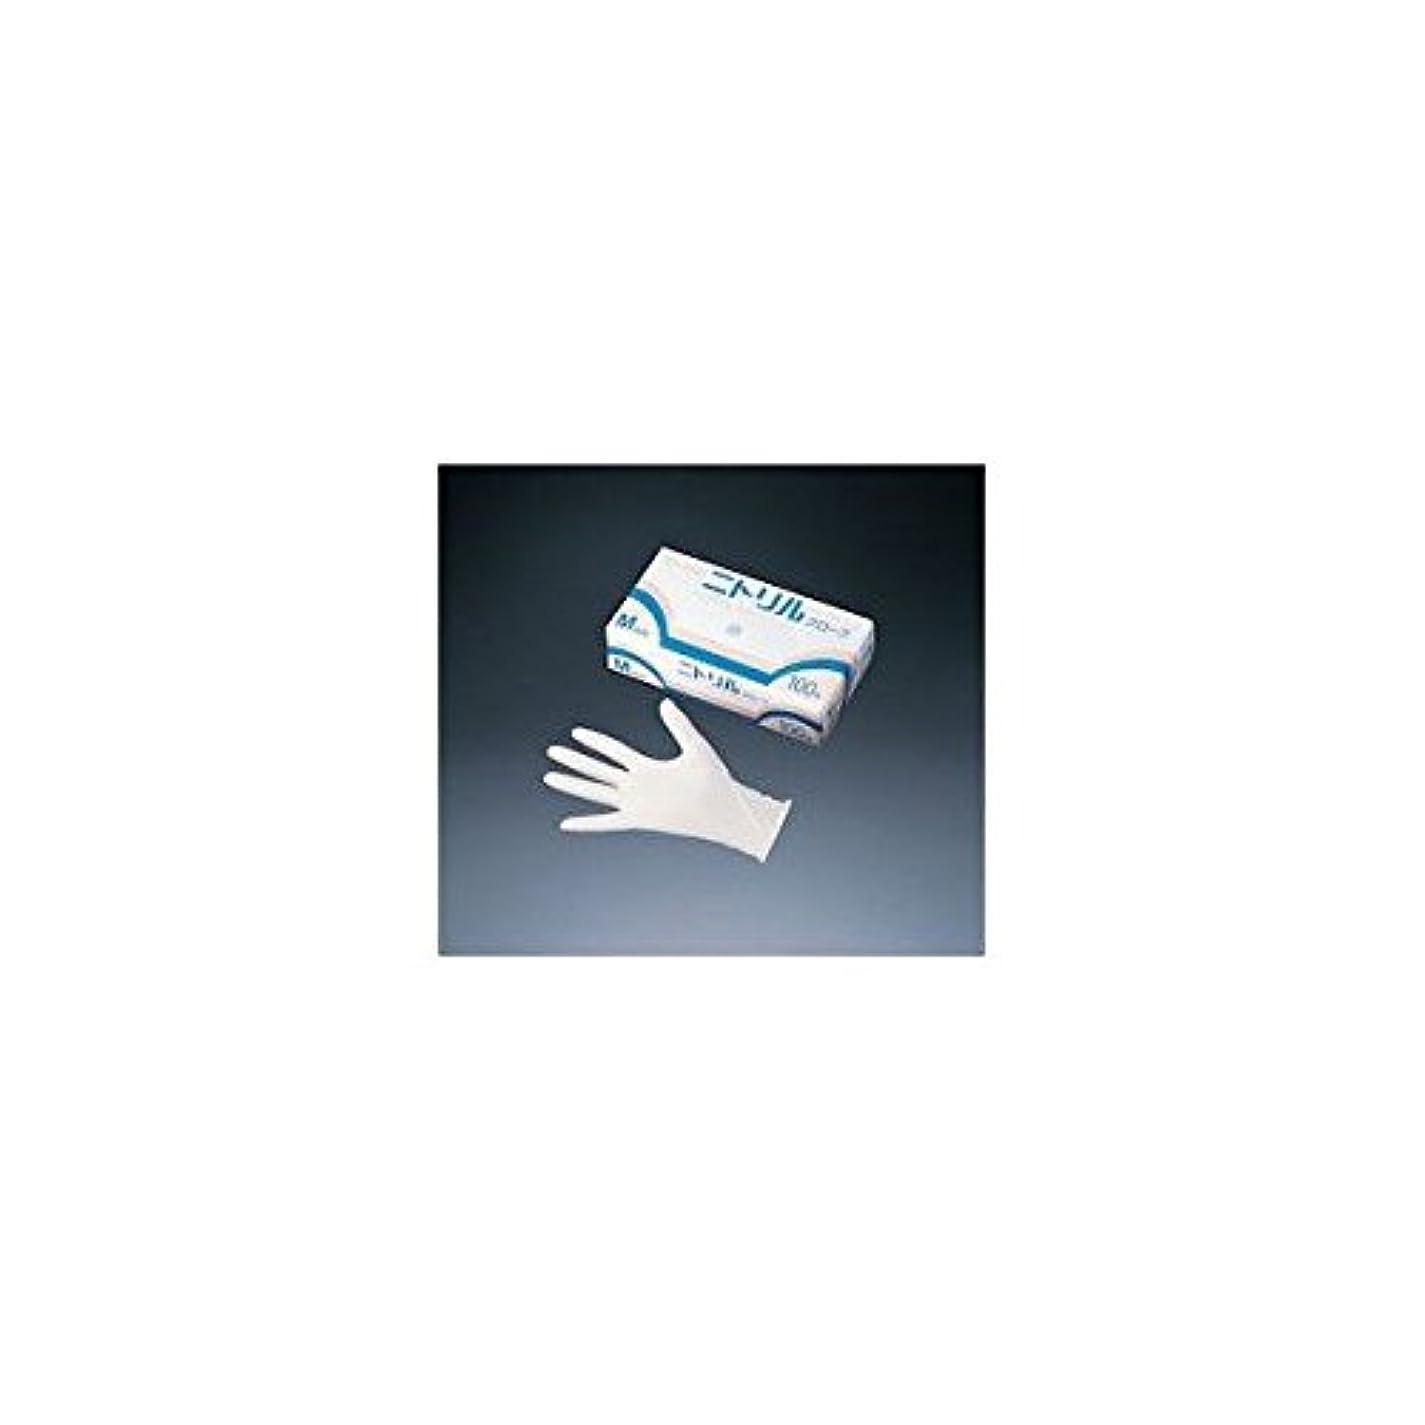 頂点グリルビート旭創業 ニトリルグローブ ホワイト (100枚セット) S